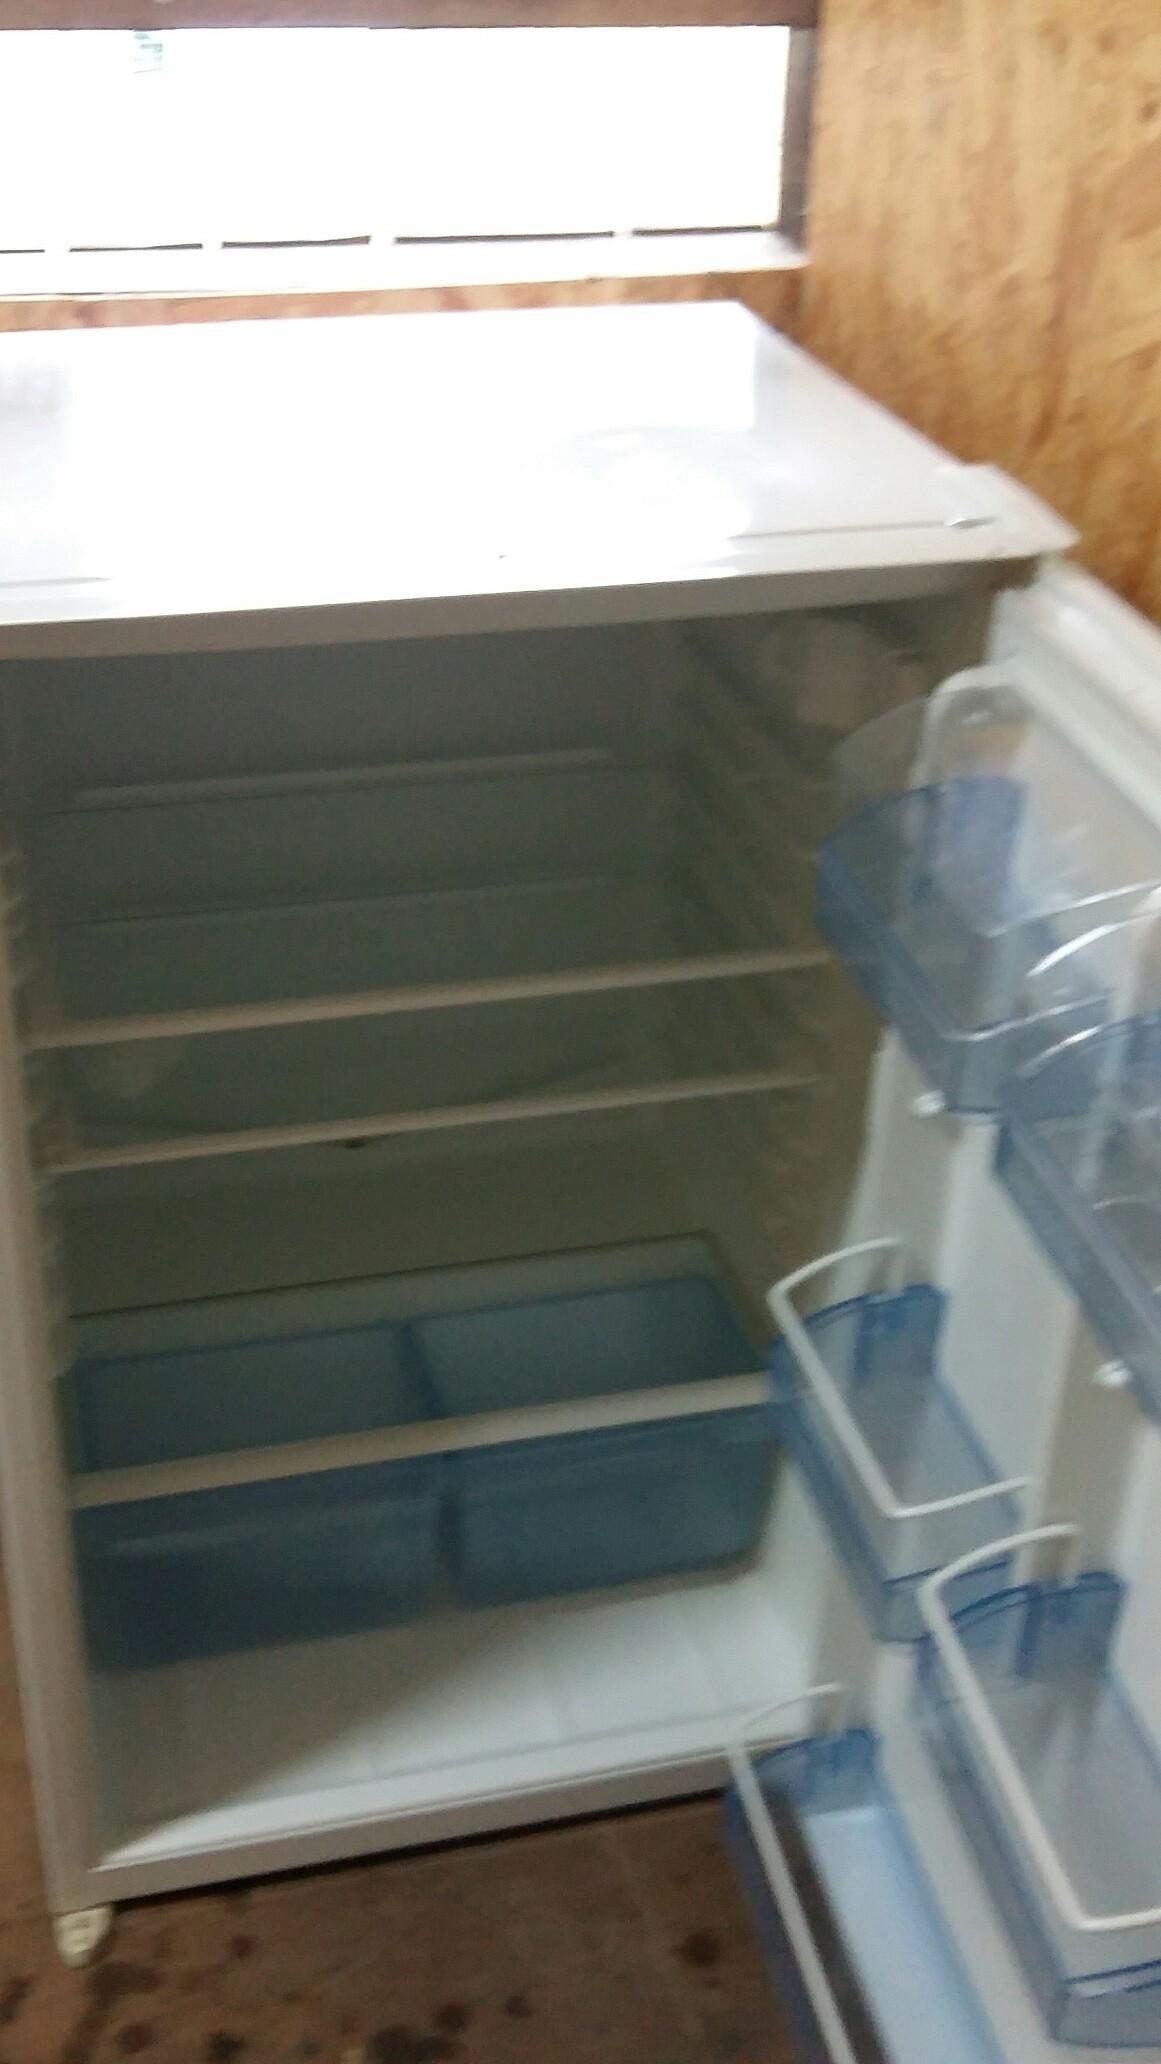 Gorenje Kühlschrank Hi1526 : Gebraucht einbaukühlschrank gorenje hi in gortipohl um